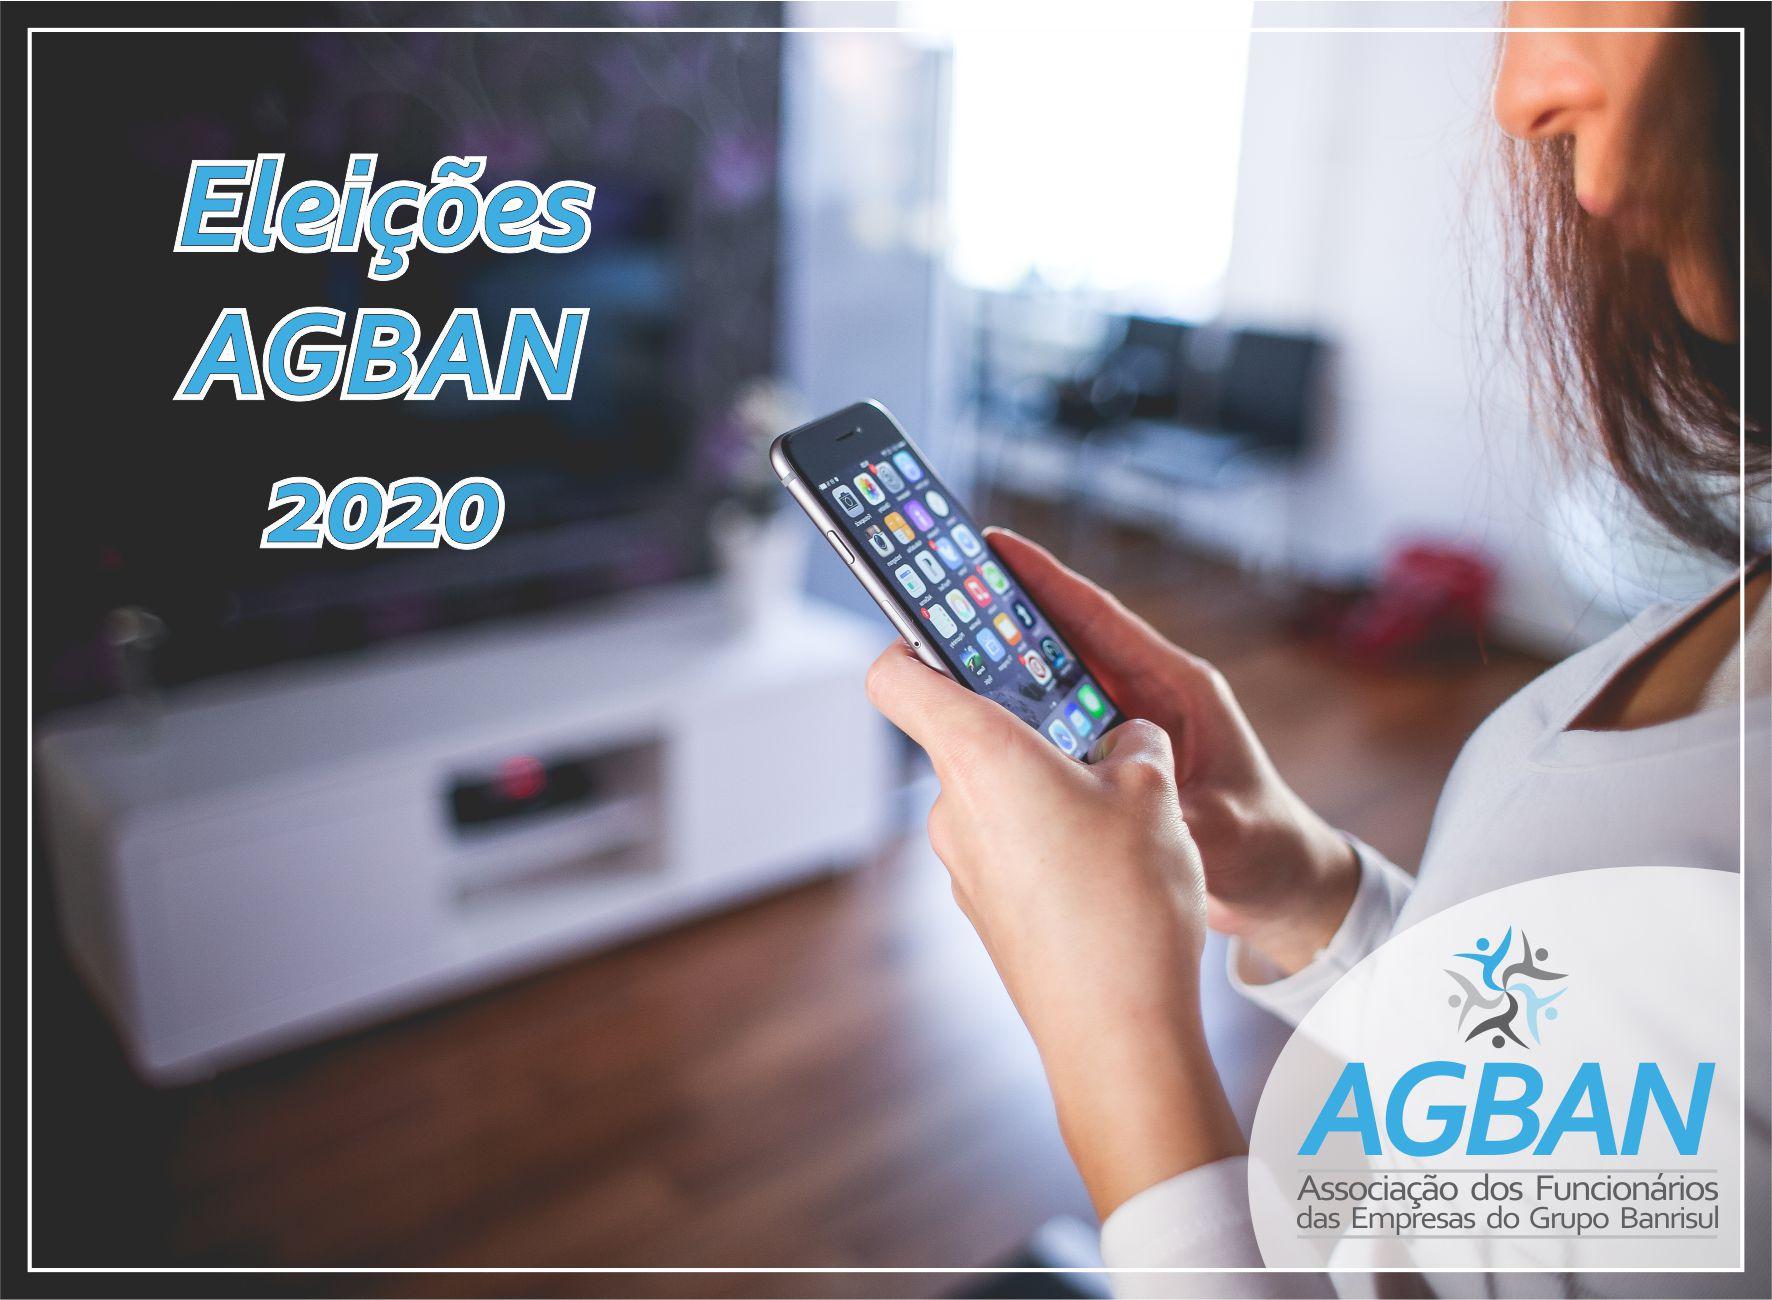 Eleçõs AGBAN 2020